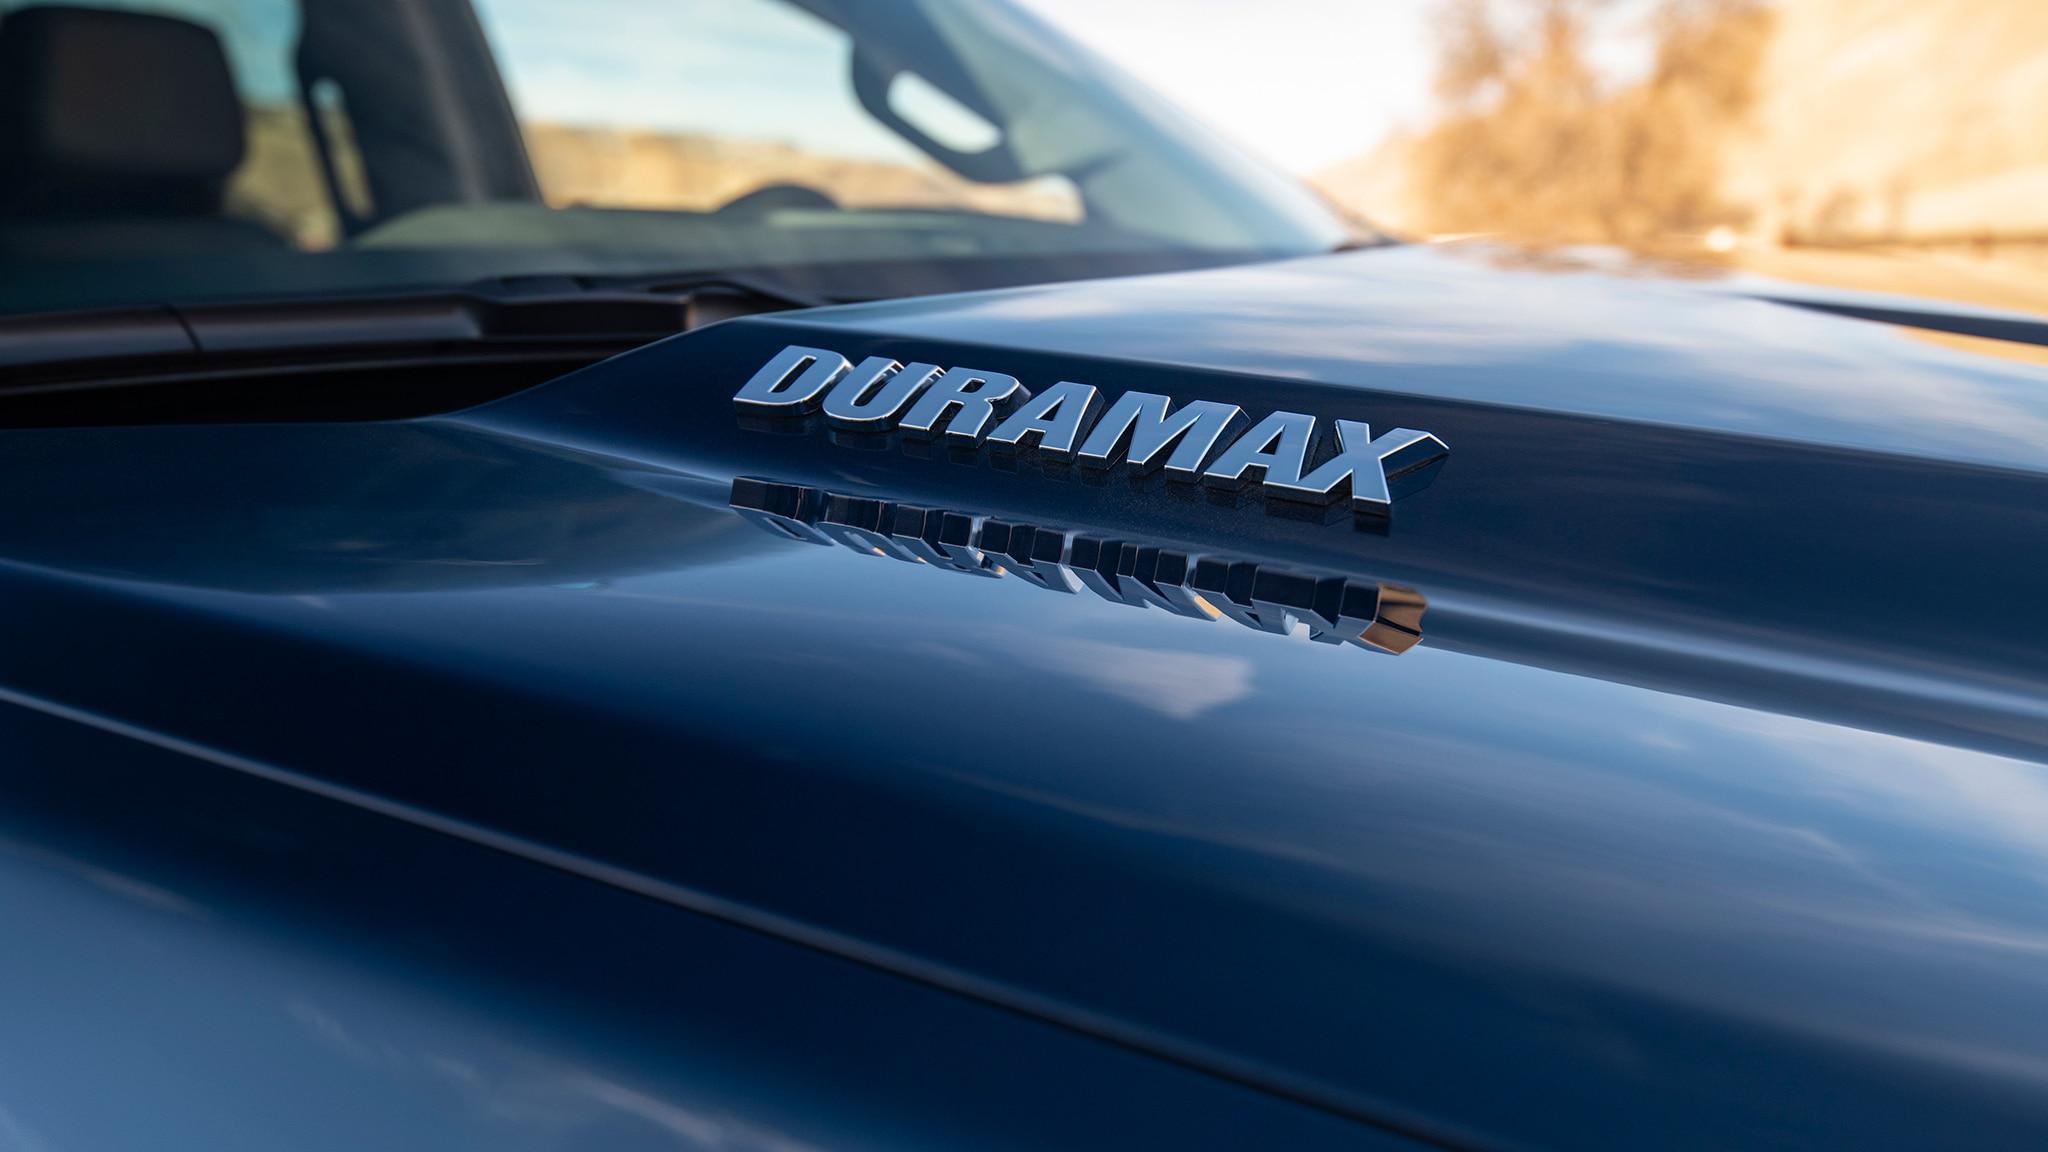 The 2020 Chevrolet Silverado Diesel Gets Big Highway MPG ...